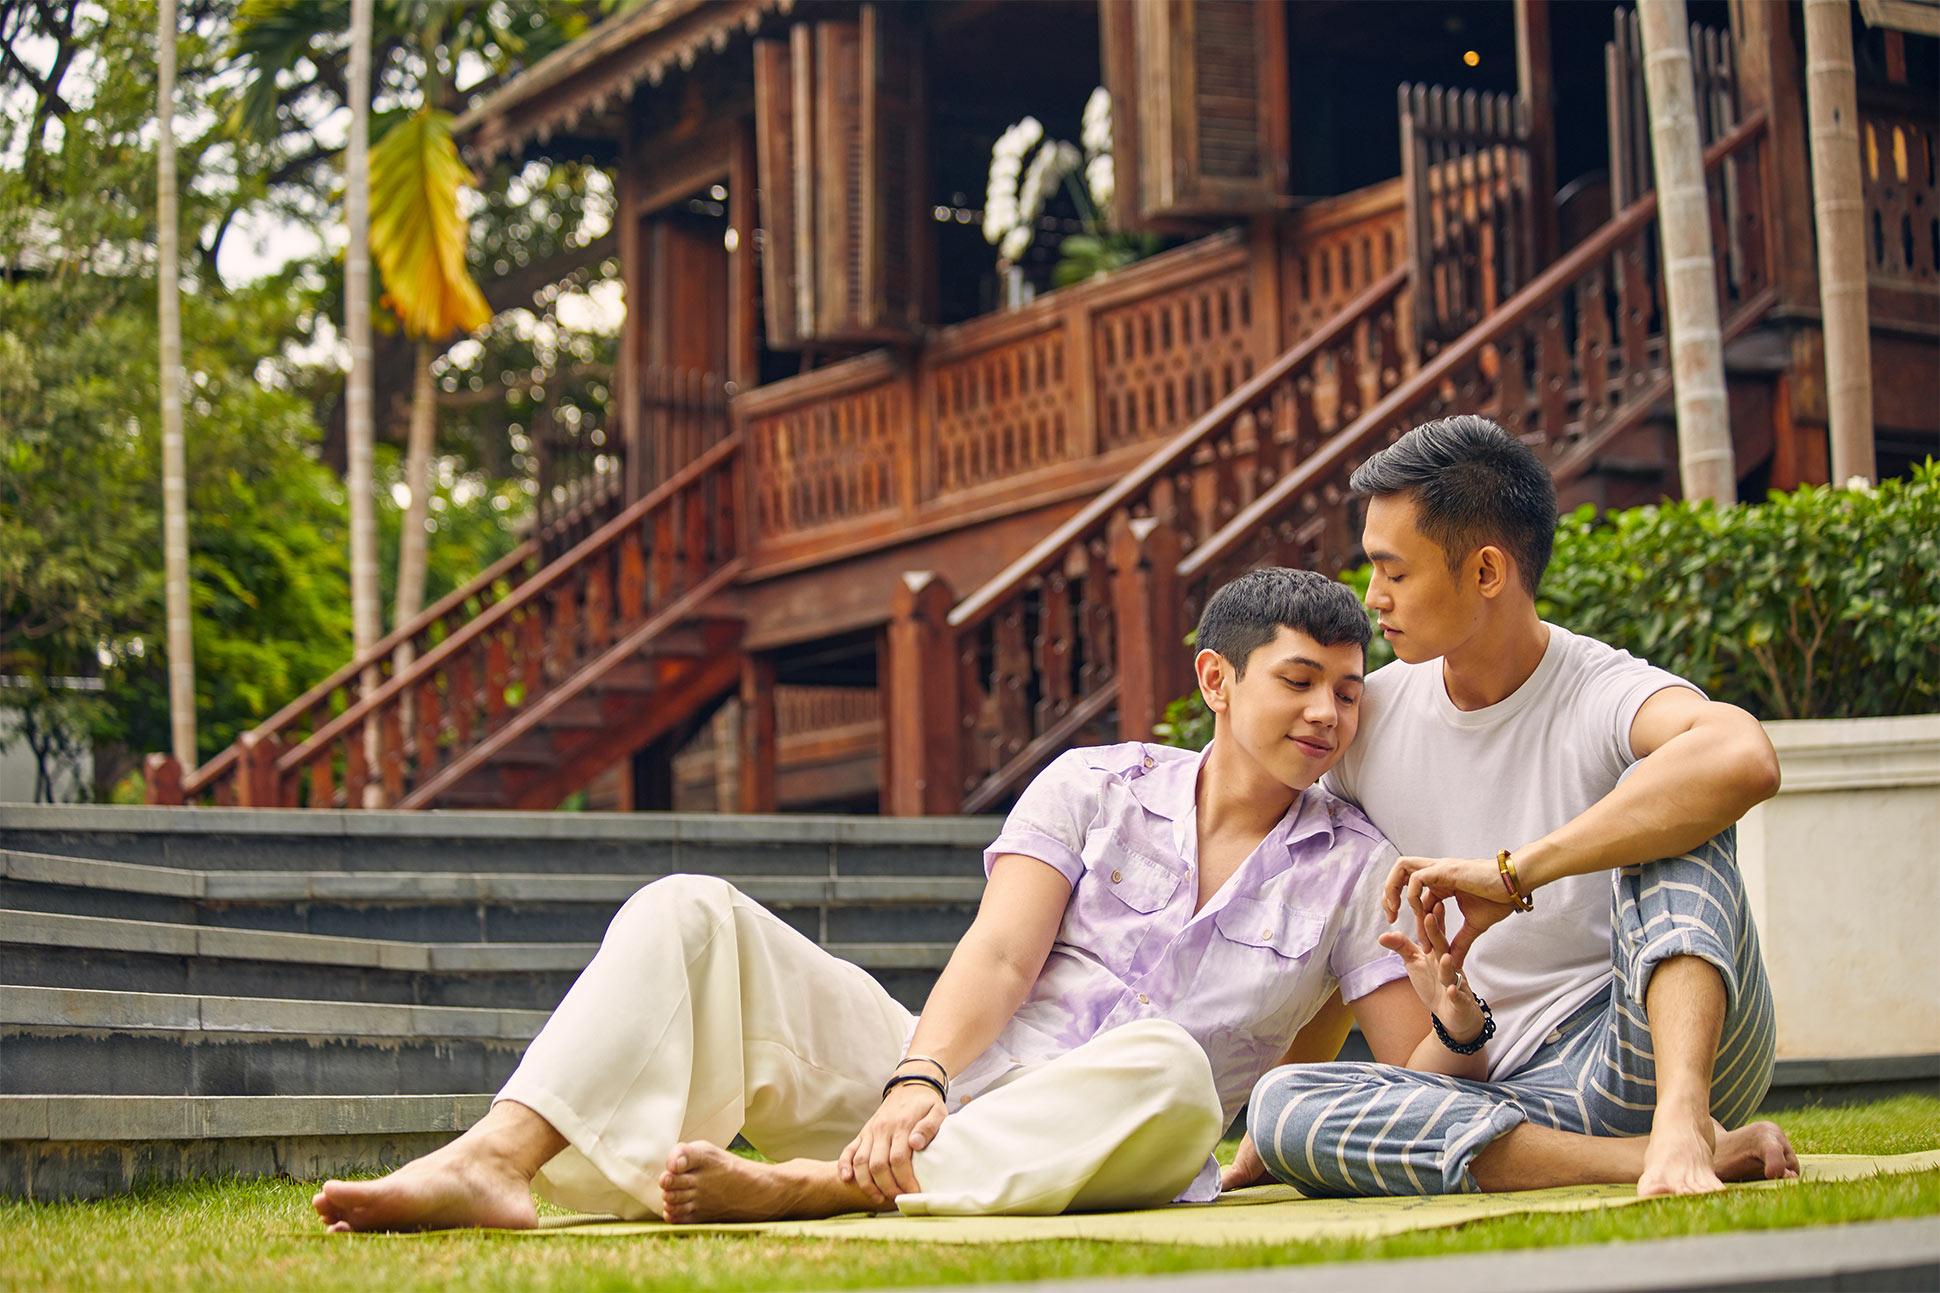 A gay couple at 137 Pillars House, Chiang Mai, Thailand